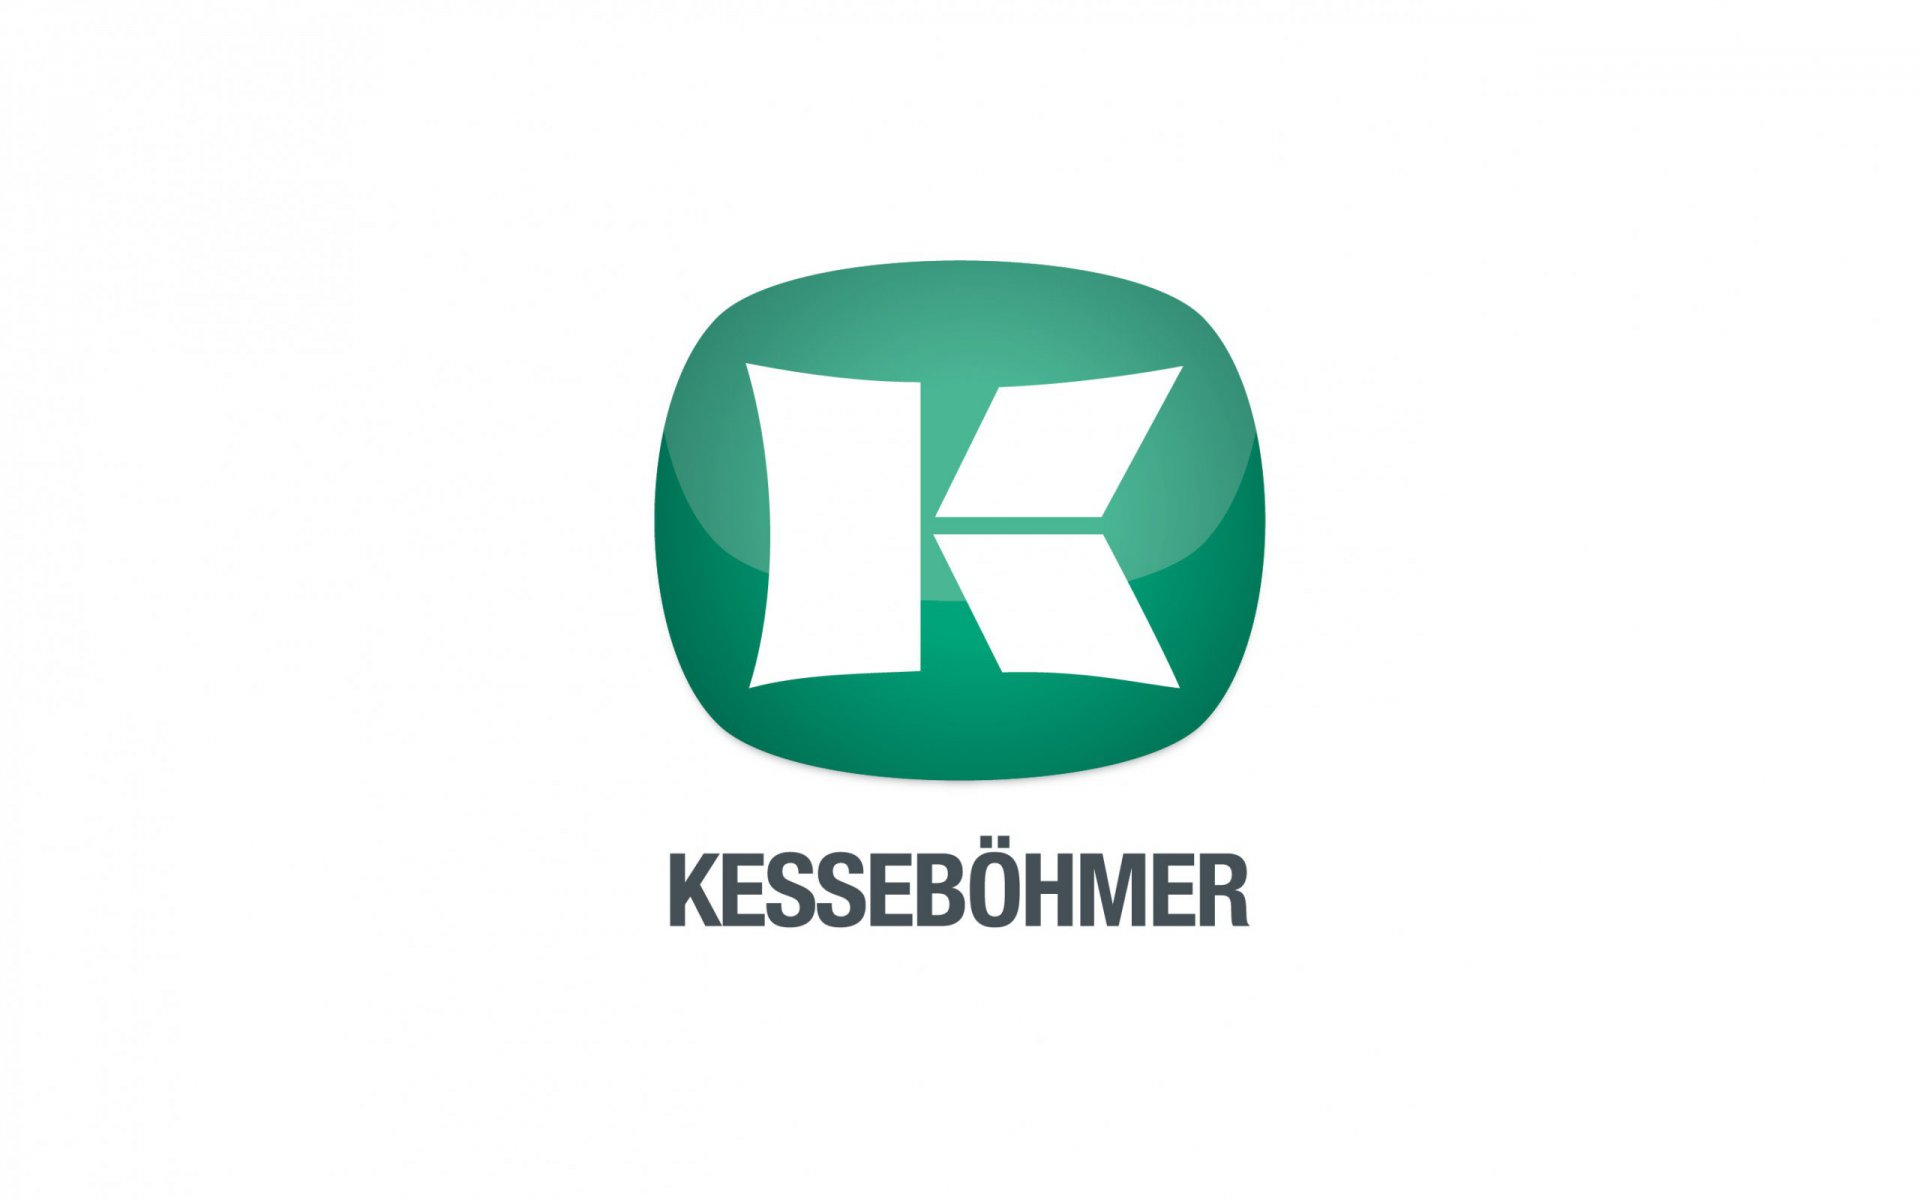 Kessebhomer-logotyp